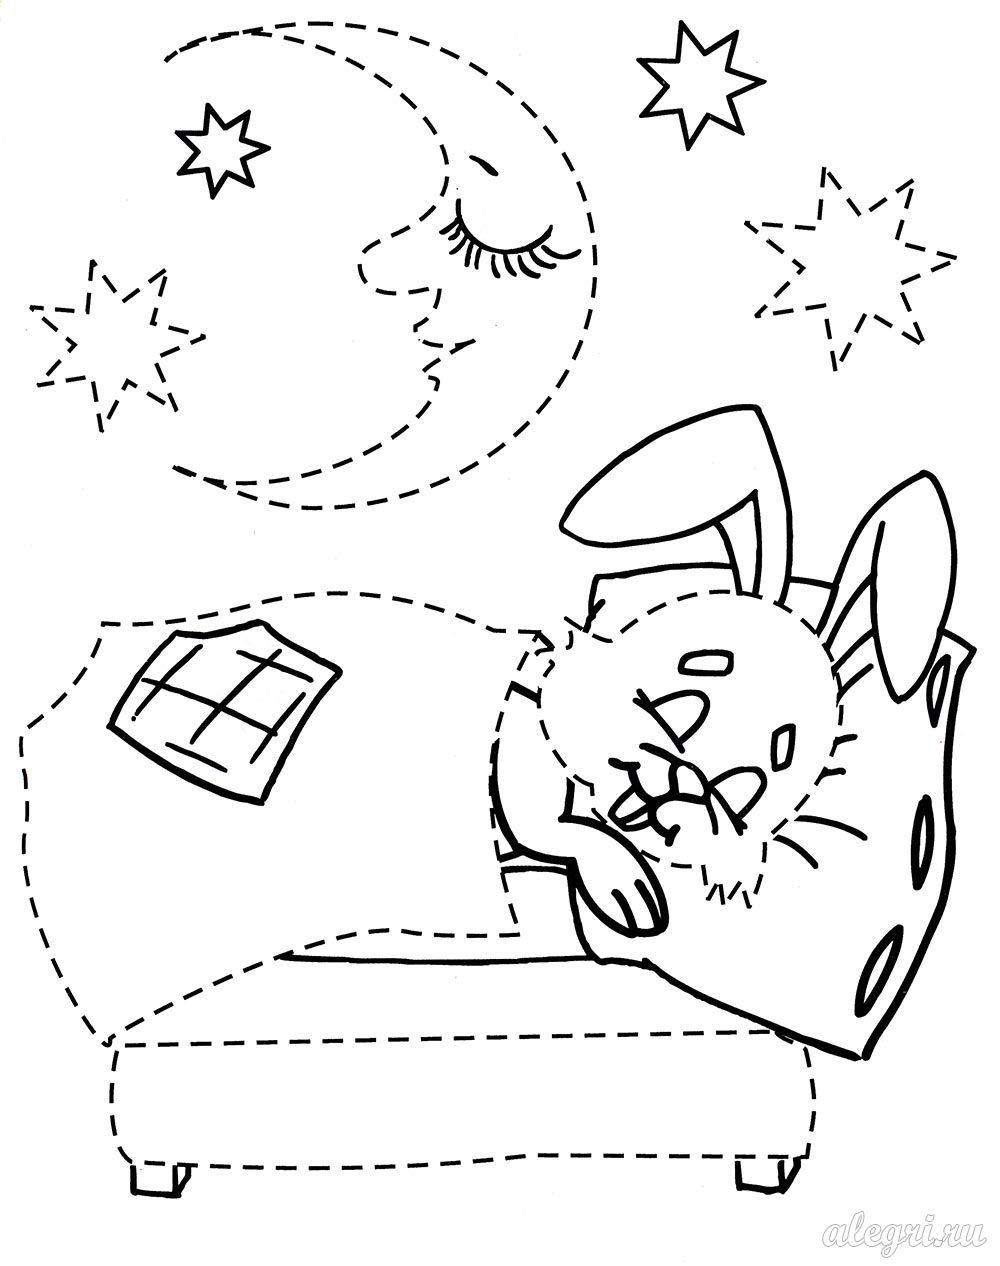 Раскраска для детей. Зайчик спит